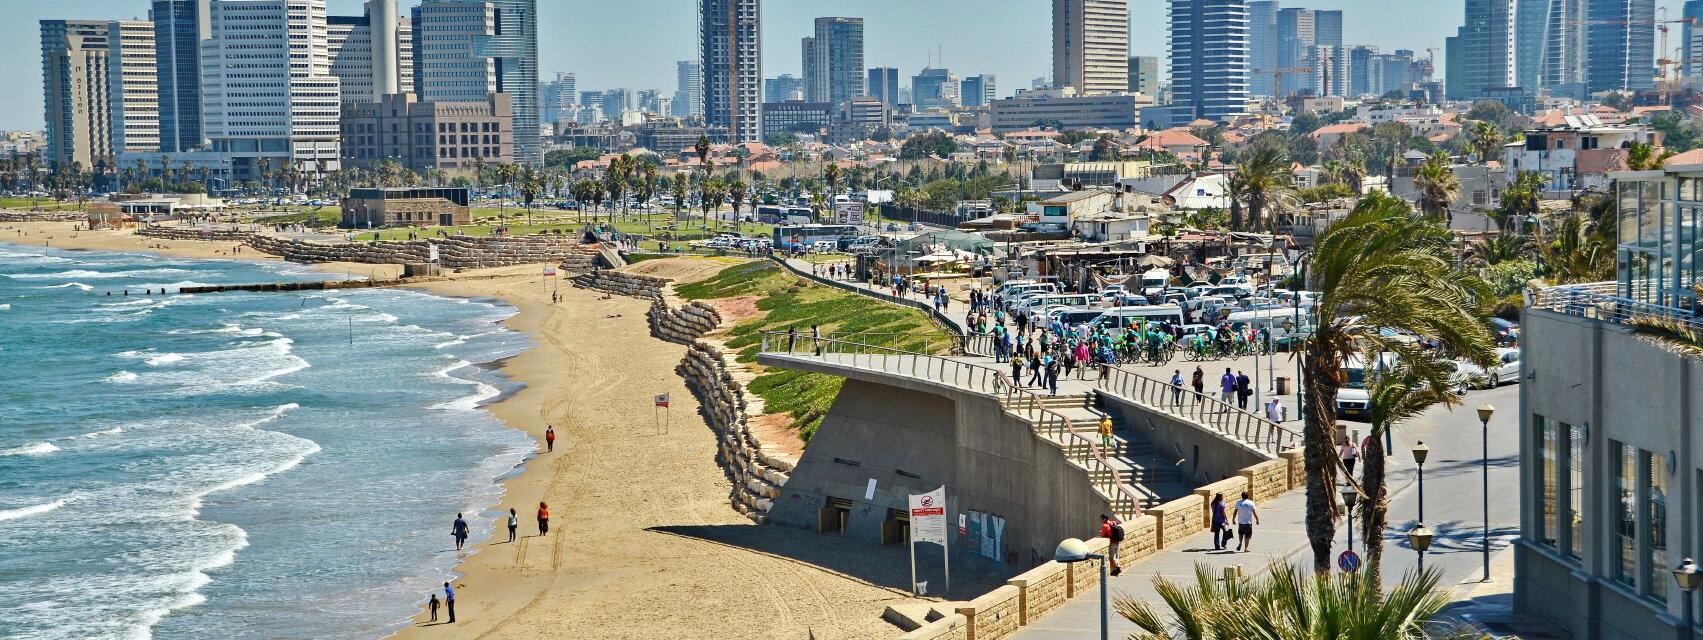 Поиск отелей в Тель-Авиве